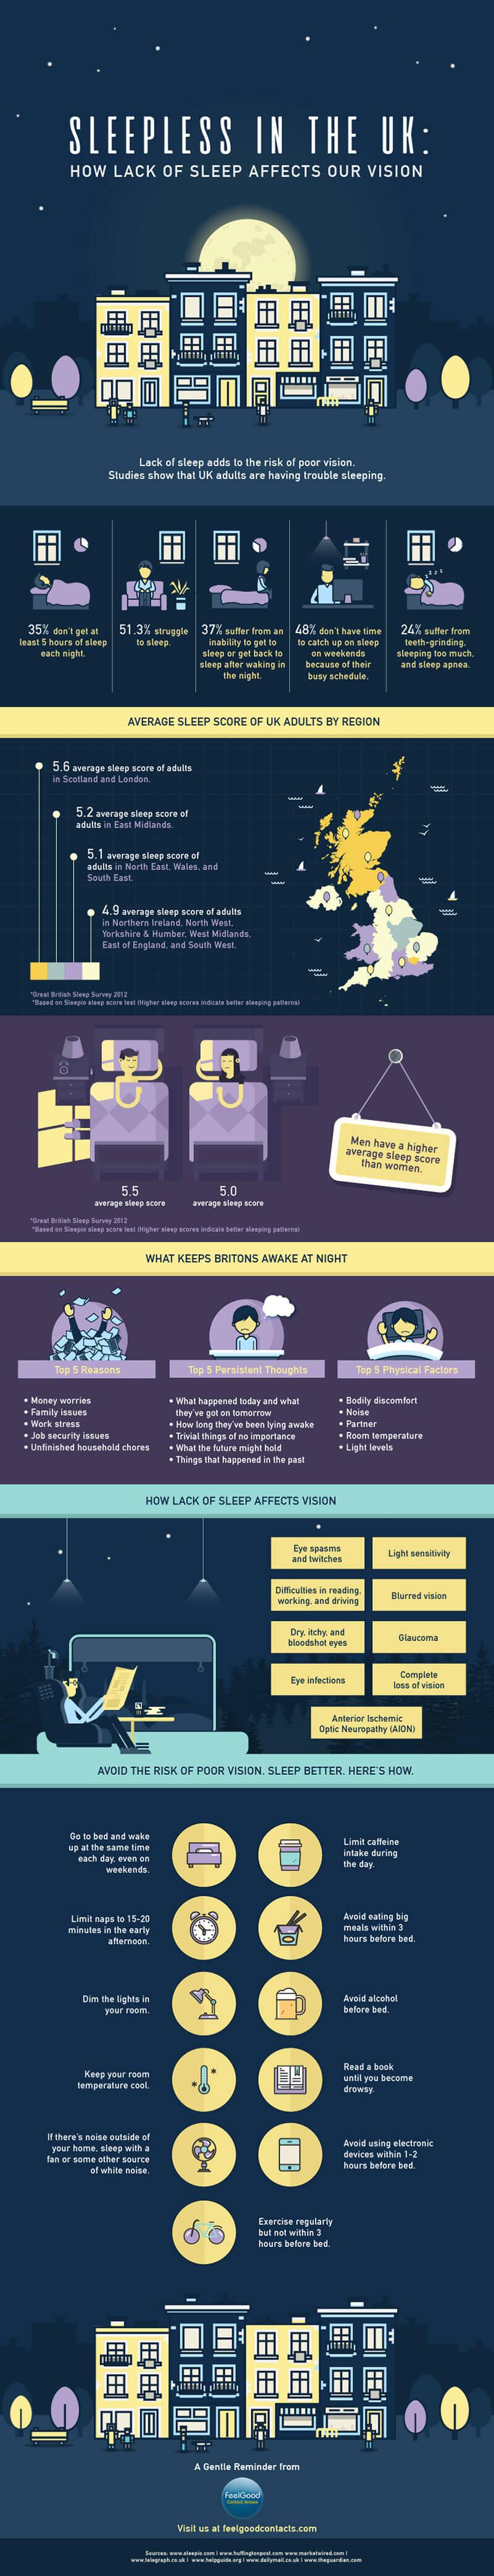 lack of sleep infographic